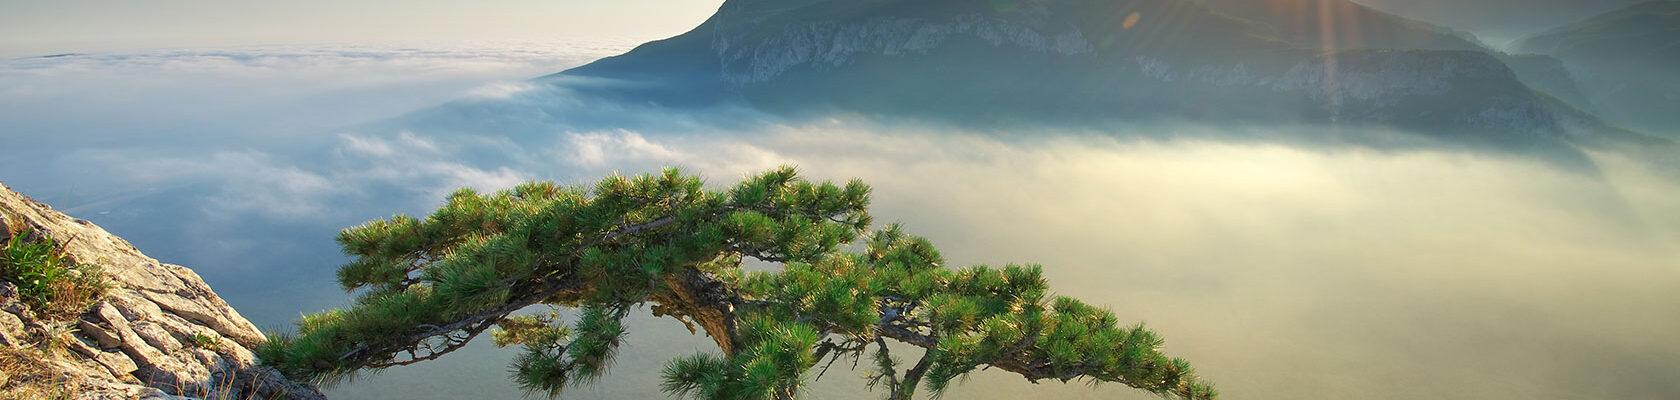 Baum-am-Hang-von-Berg